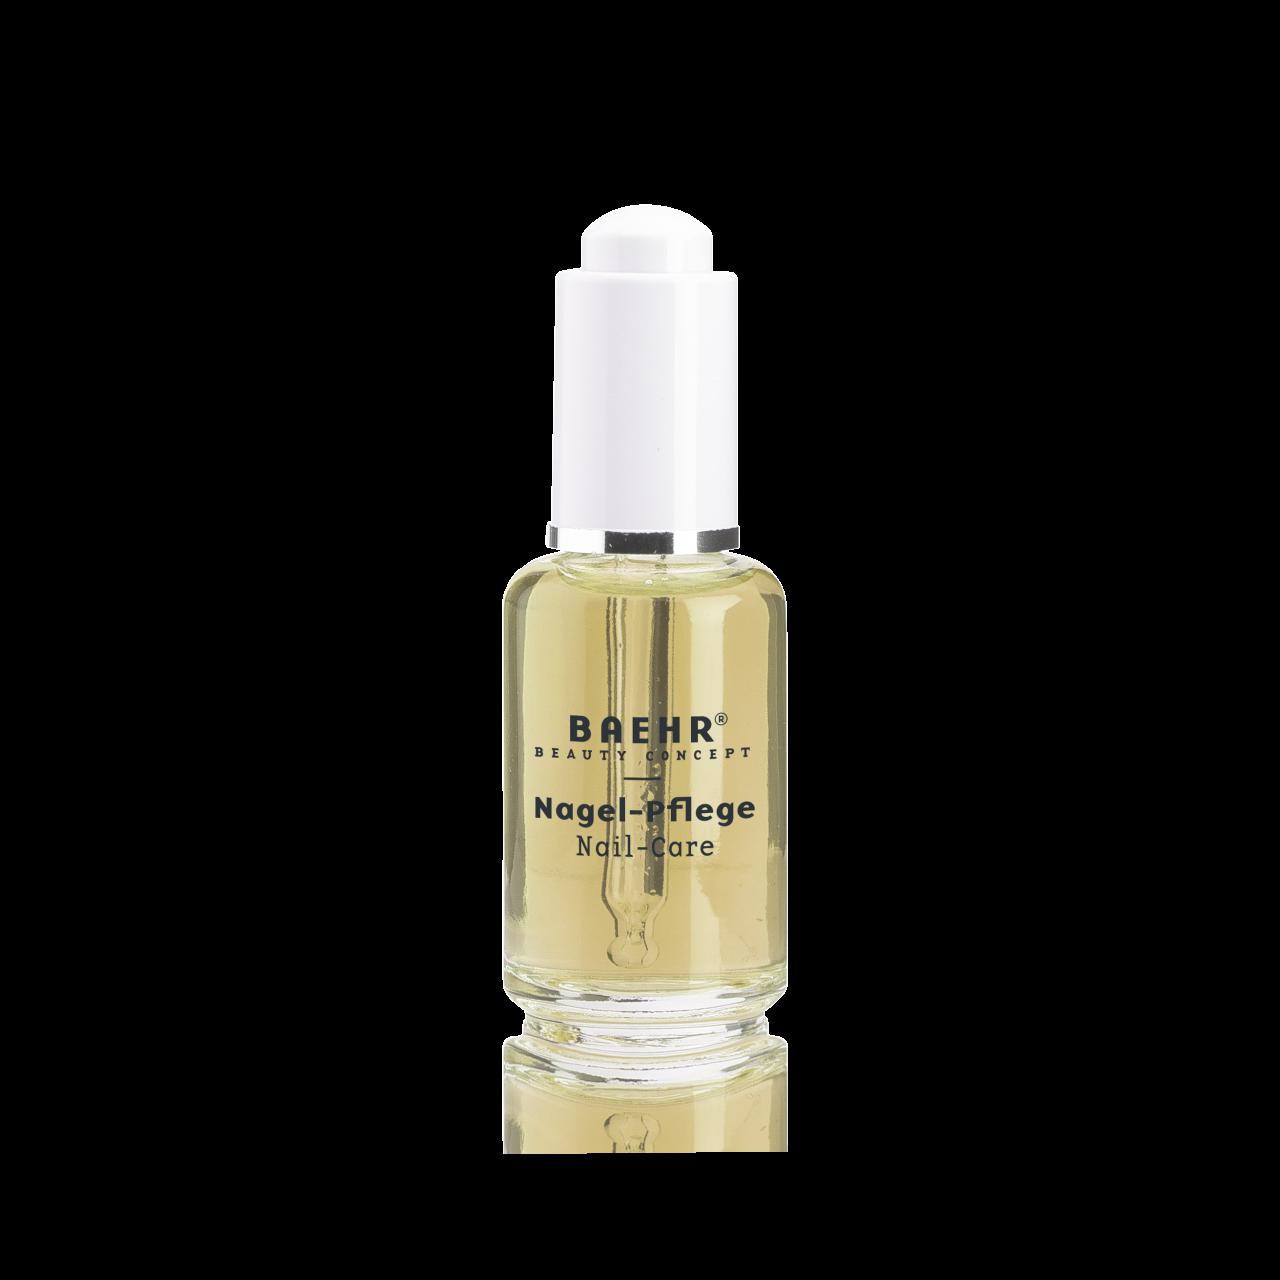 Nagelpflegeöl Vanilla-Coco 30 ml